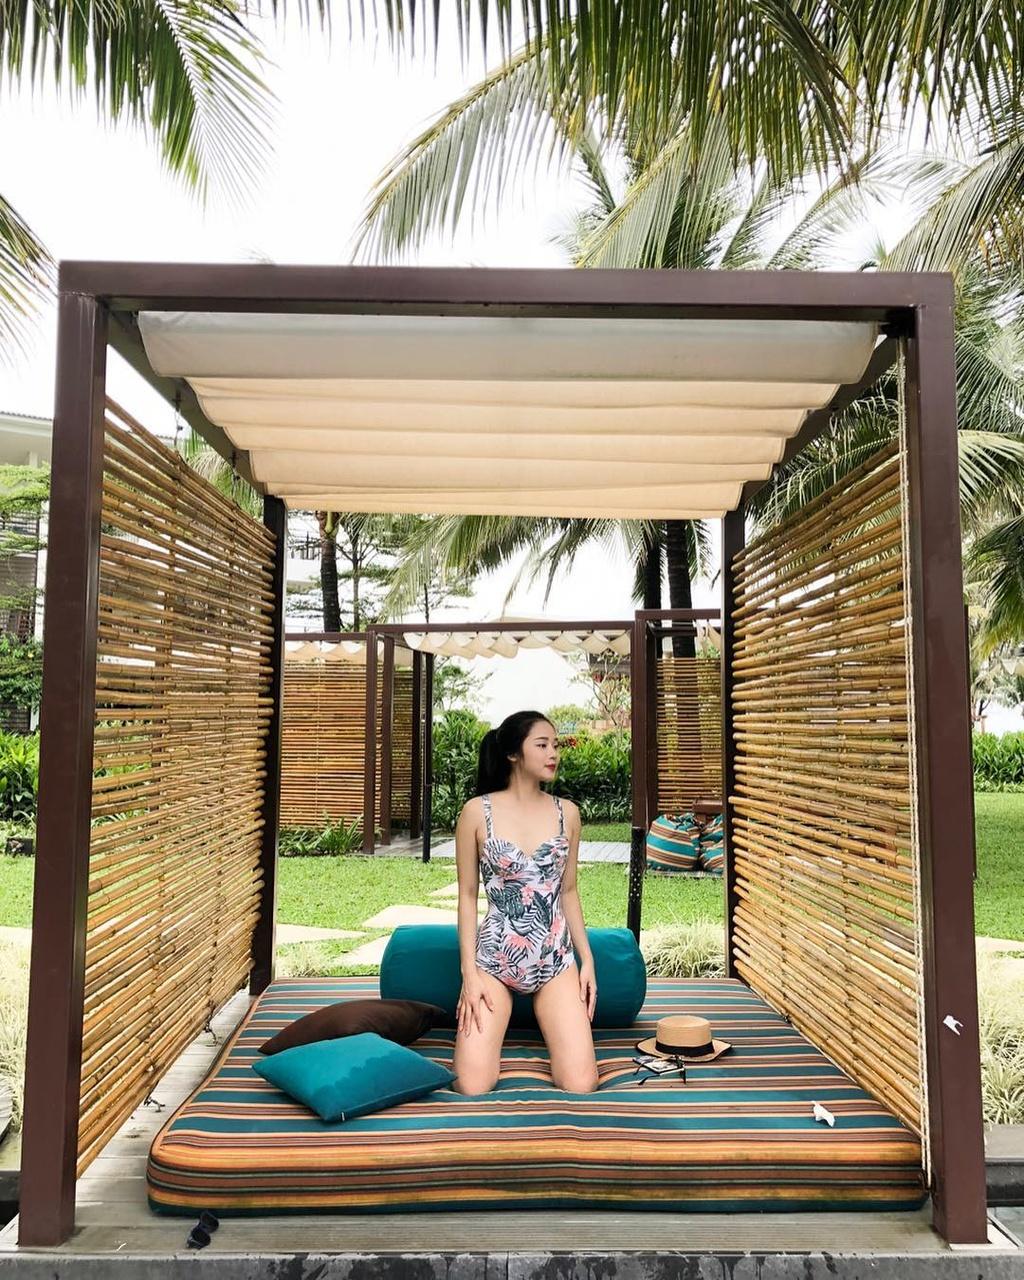 4 resort co ho boi dep tai Phu Quoc hinh anh 19  - 44349437_708442676208720_5618749344909572498_n - 4 resort có hồ bơi đẹp tại Phú Quốc